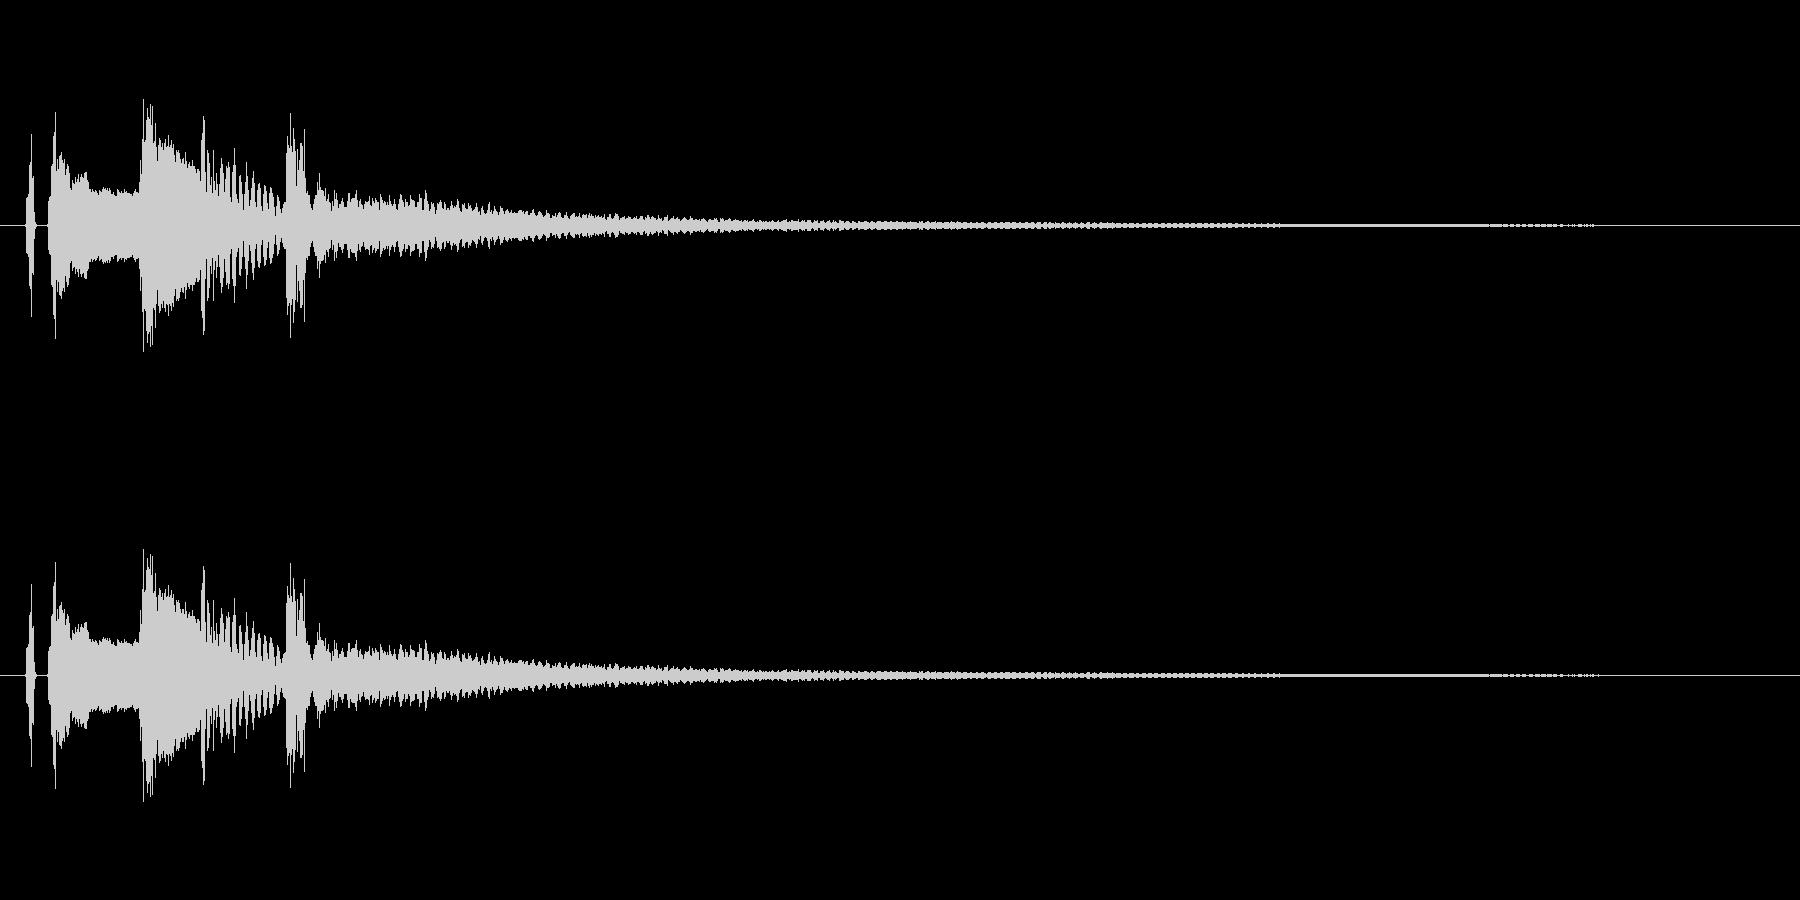 ピアノ。ホラーの発見音など。の未再生の波形